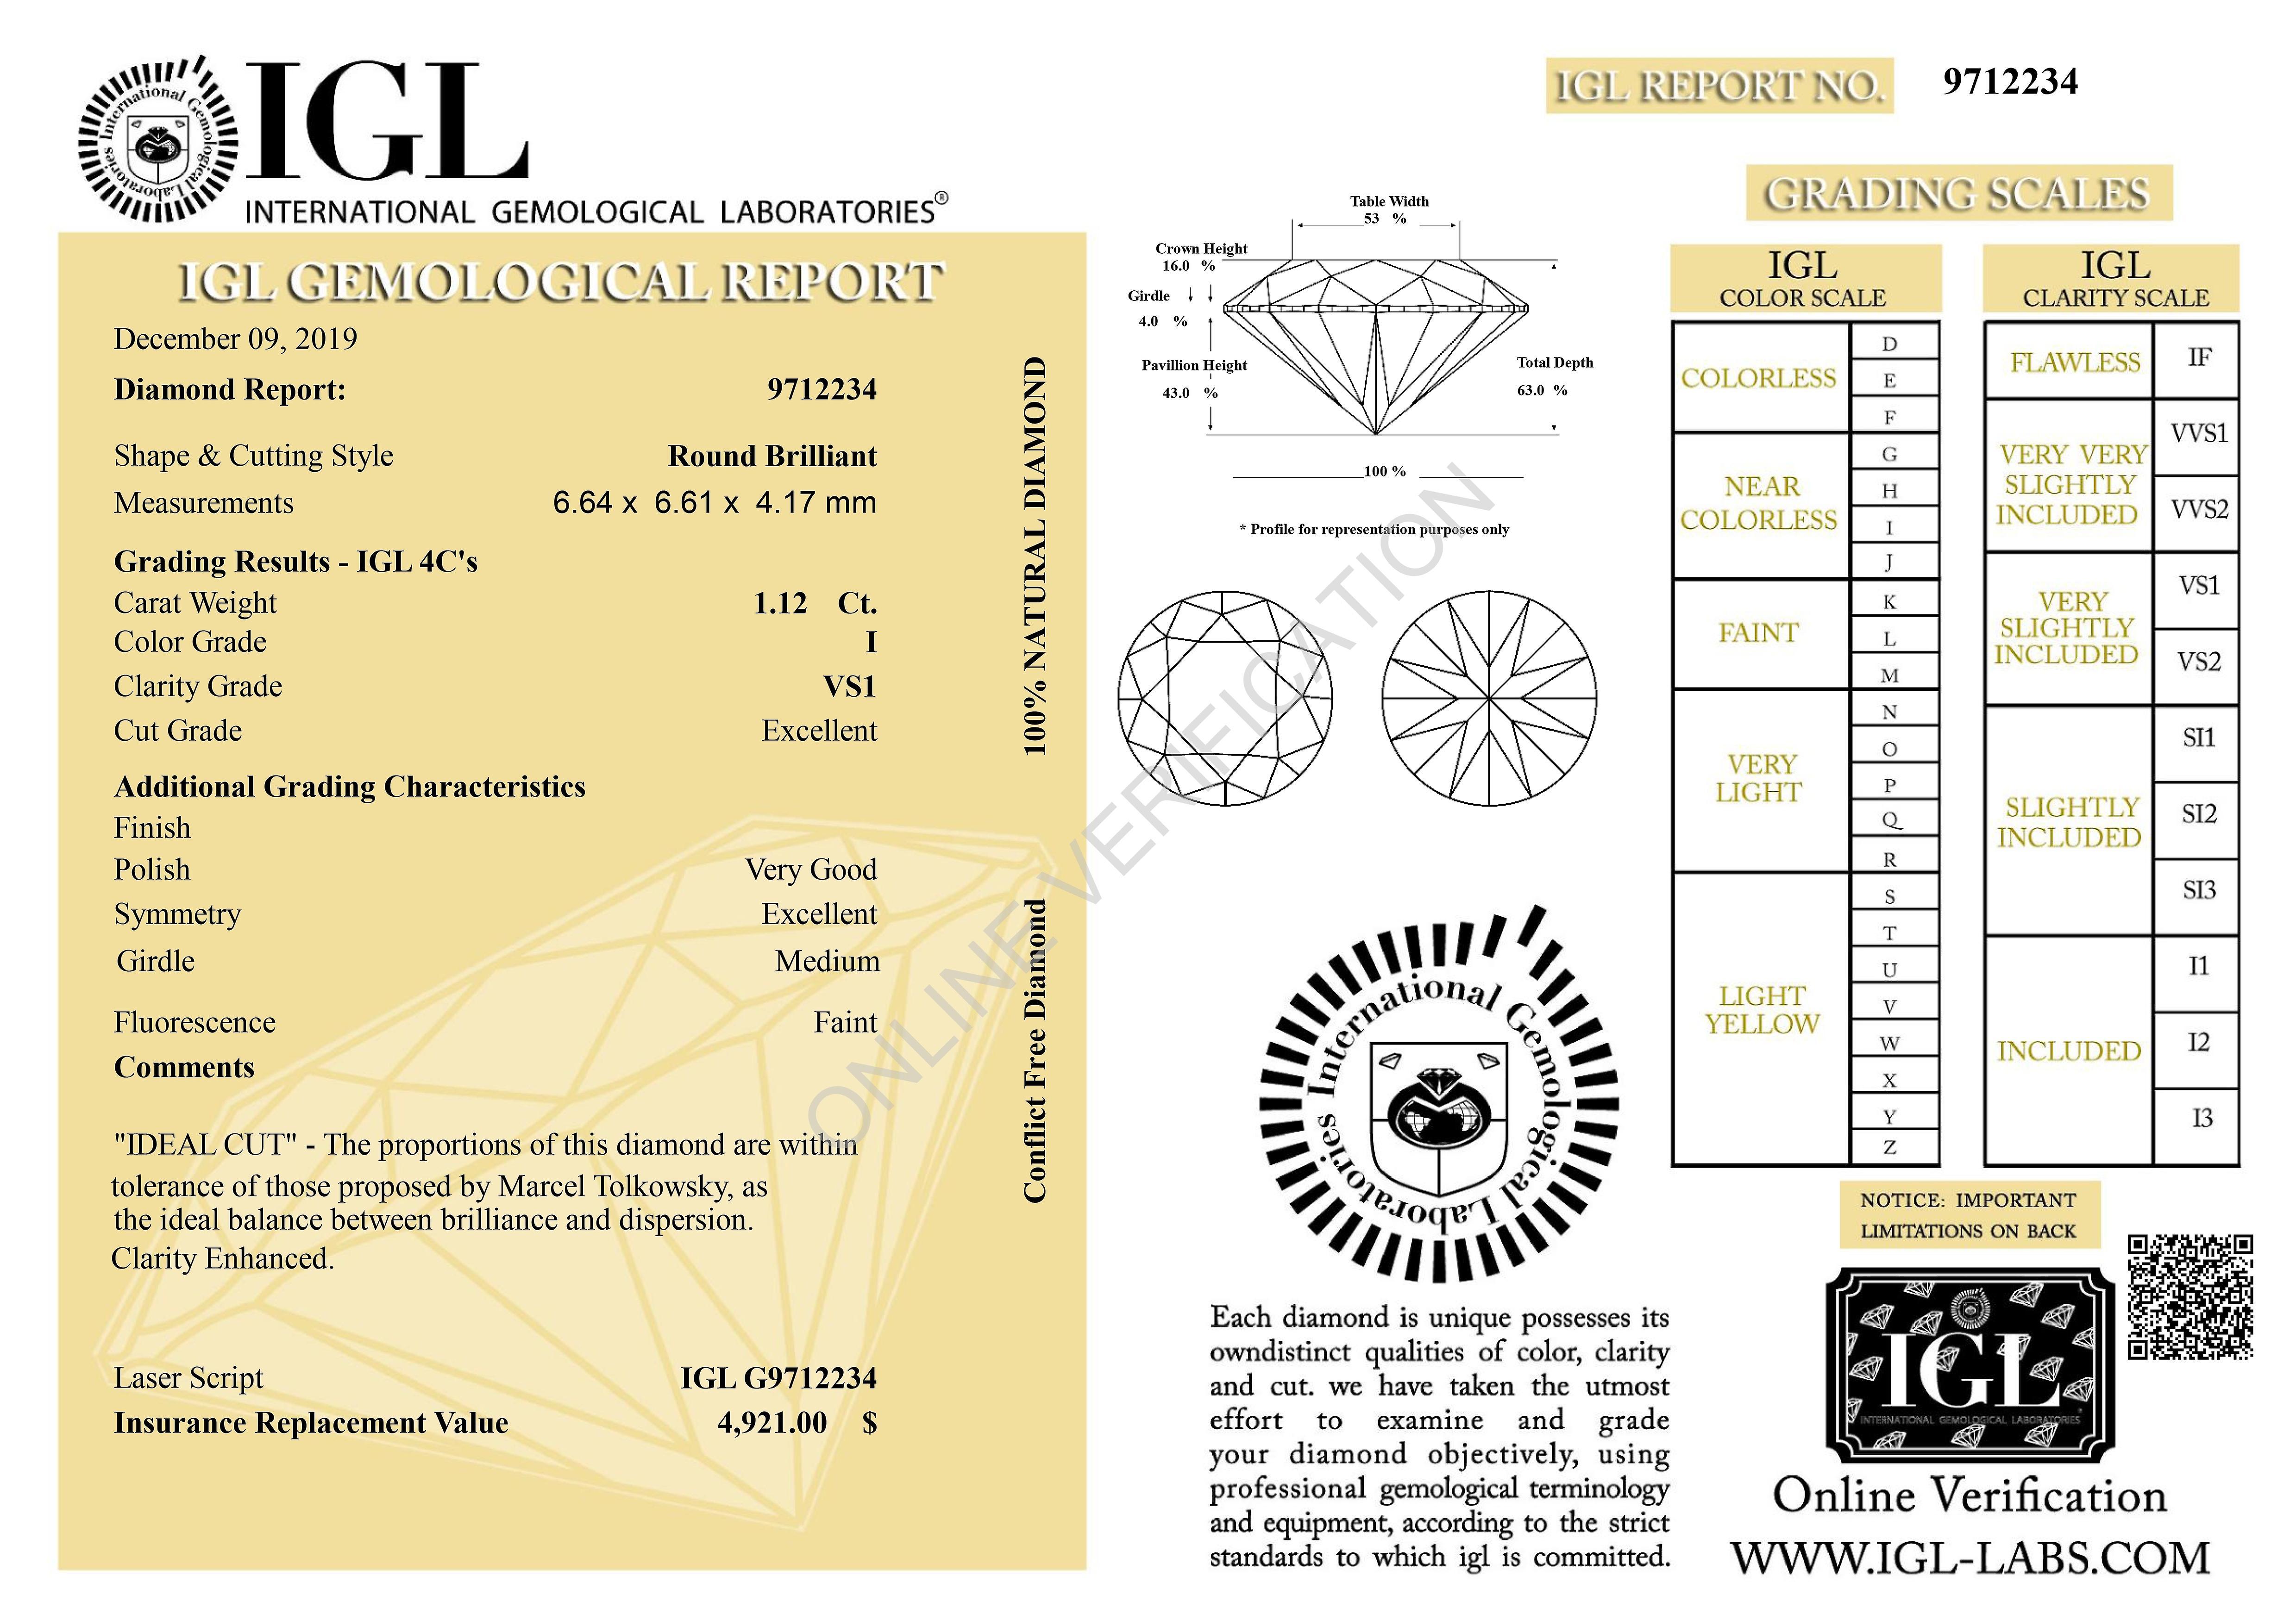 Certified 1.12 Carat I VS1 Round Brilliant Enhanced Natural Diamond 6.64m EX CUT